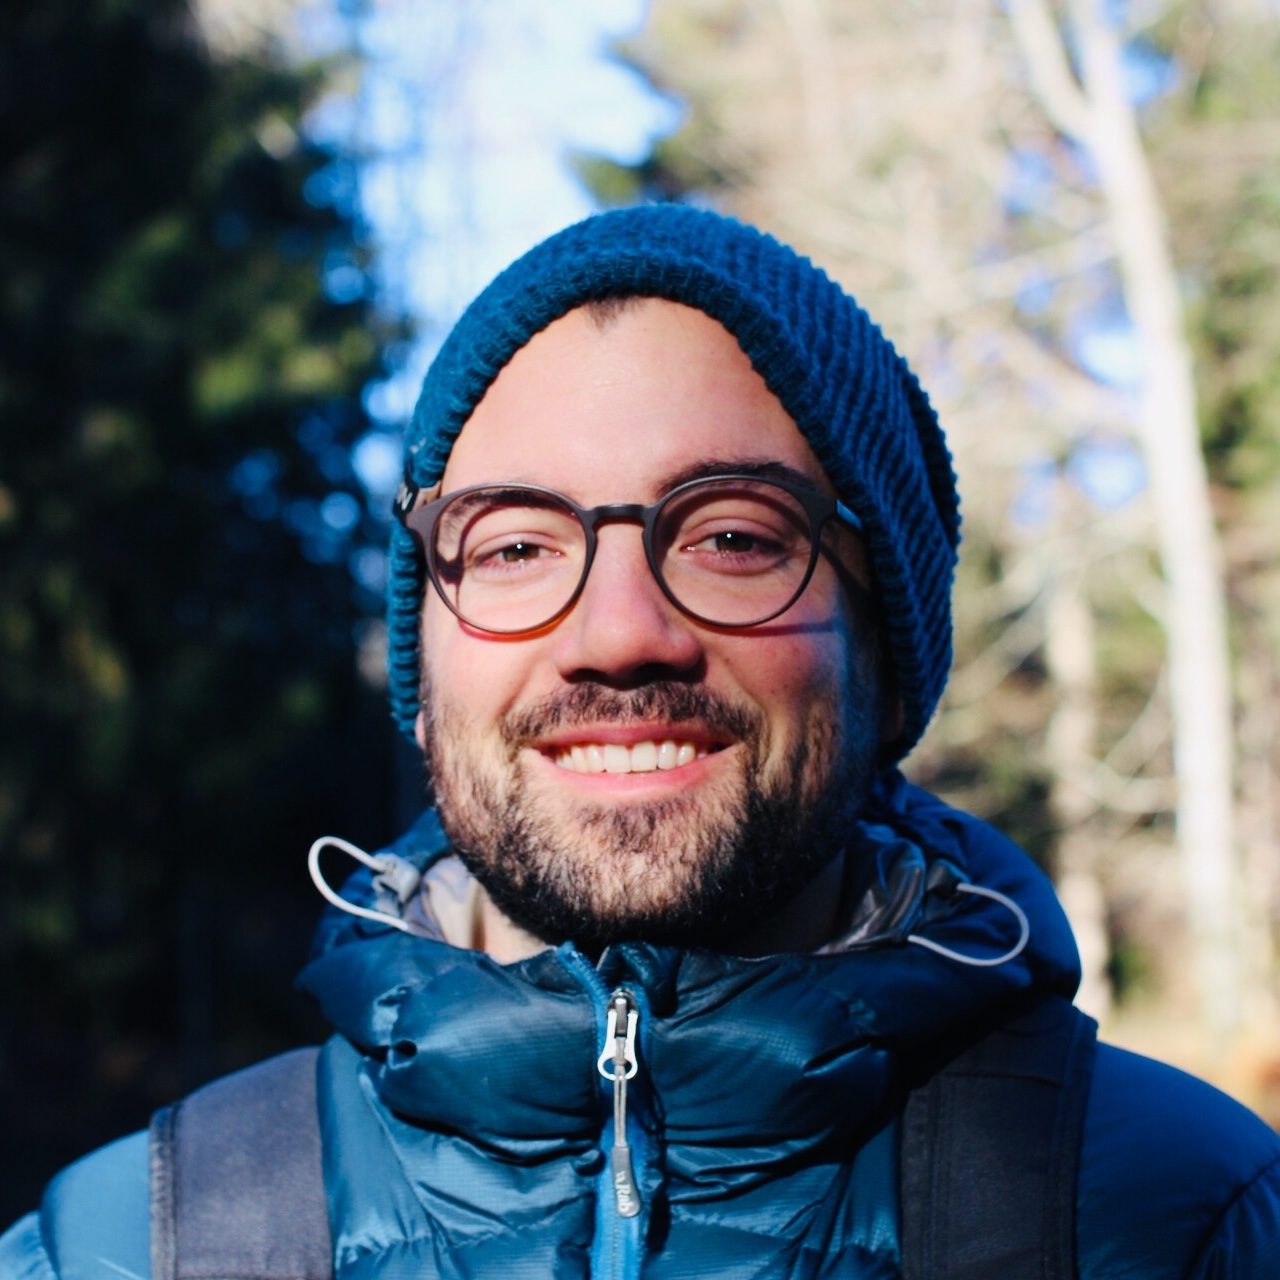 David Nusbaumer